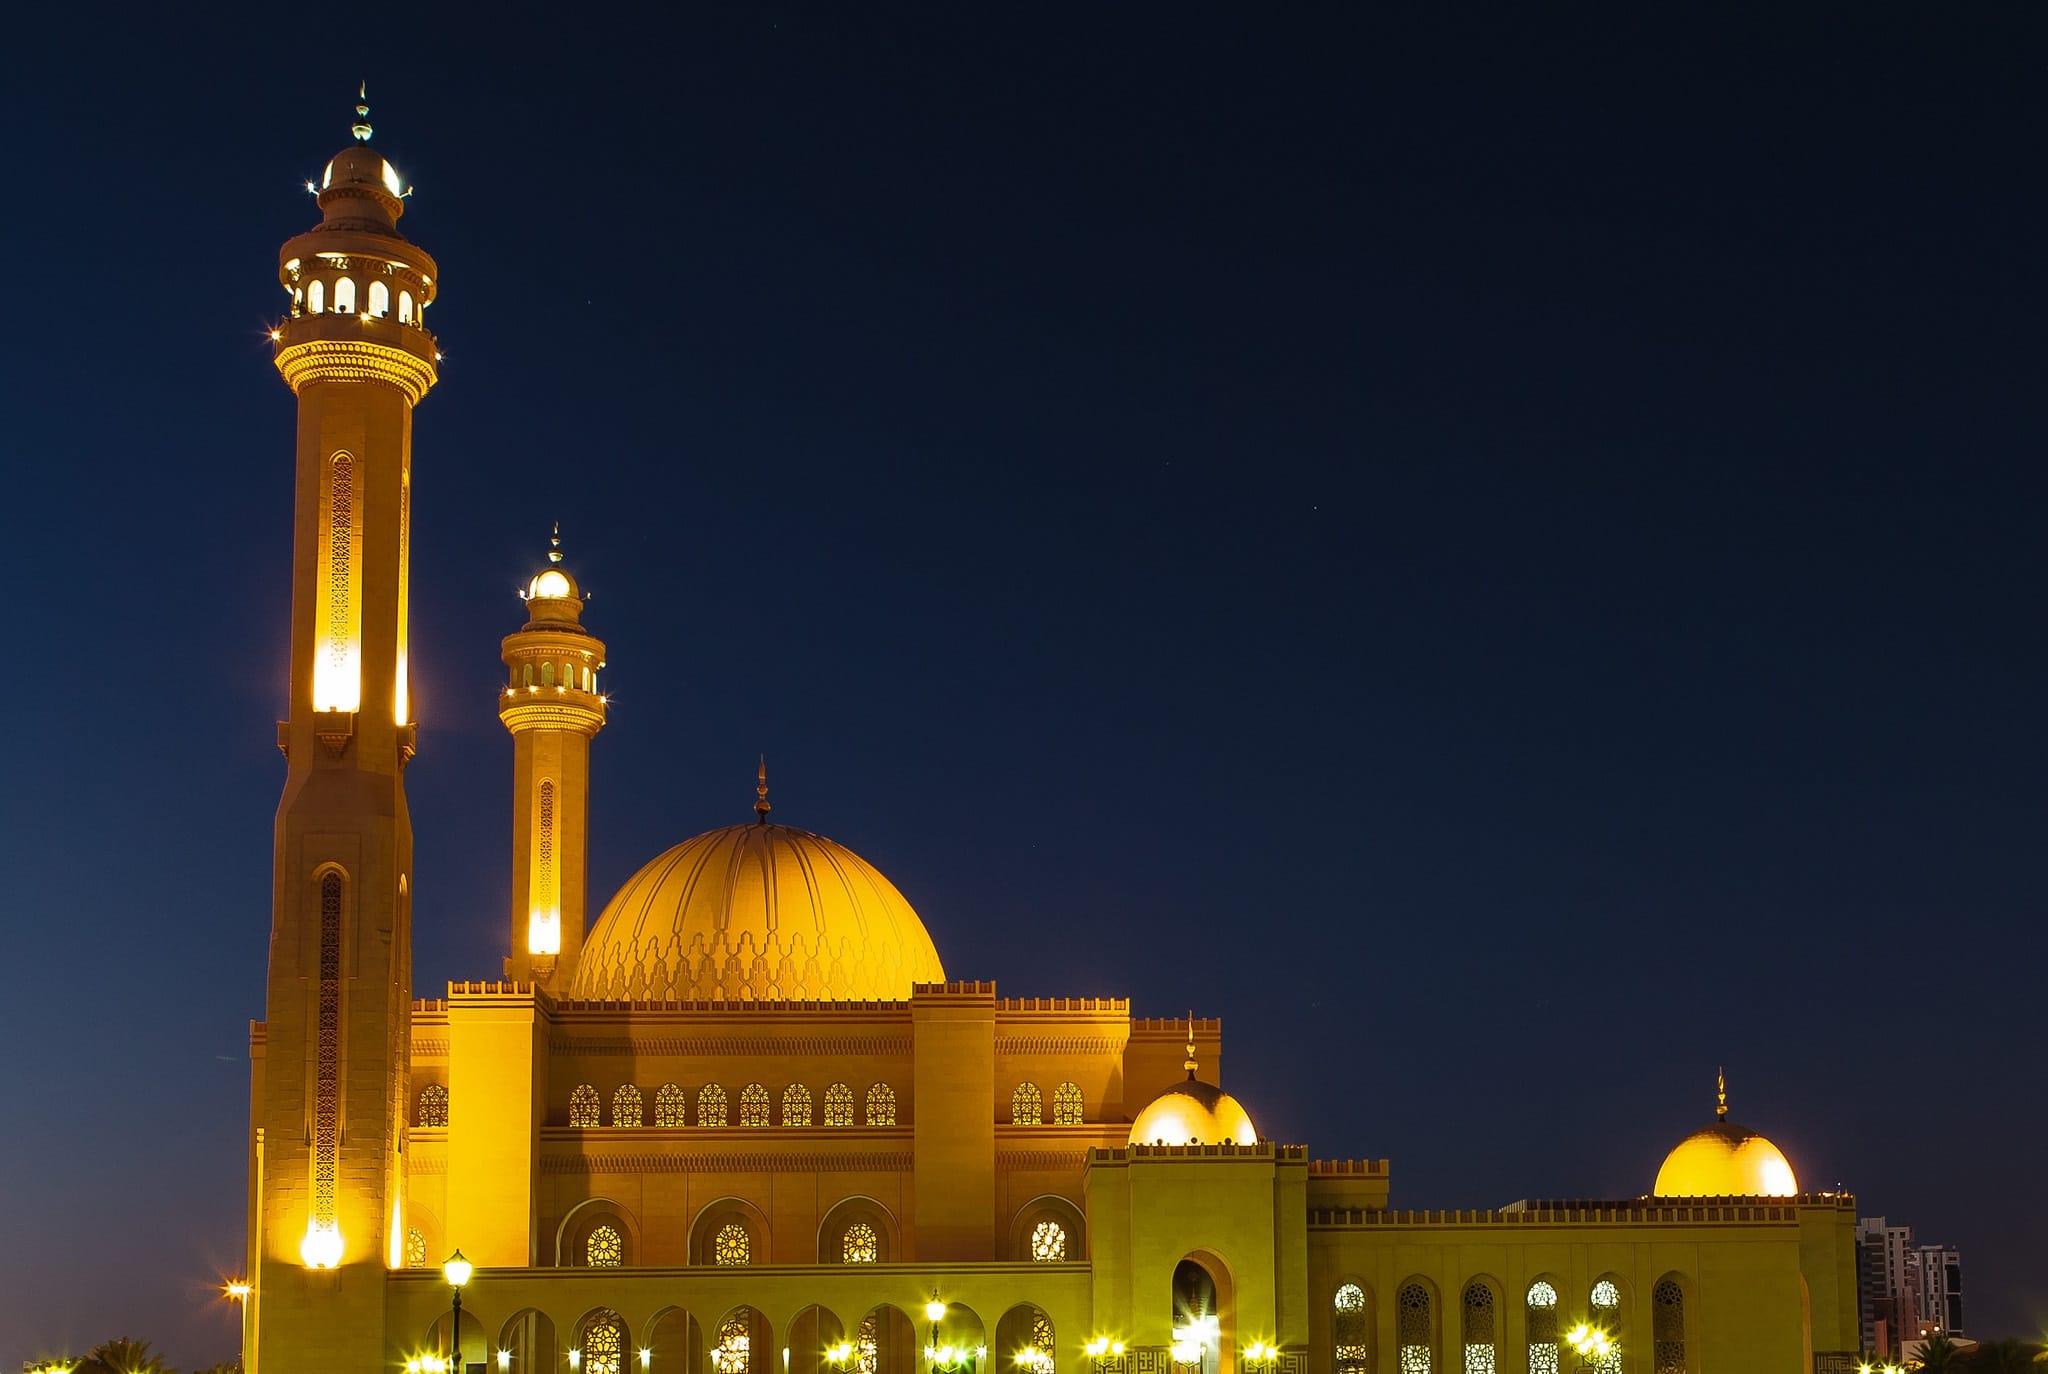 روعه وجمال مسجد الفاتح في البحرين